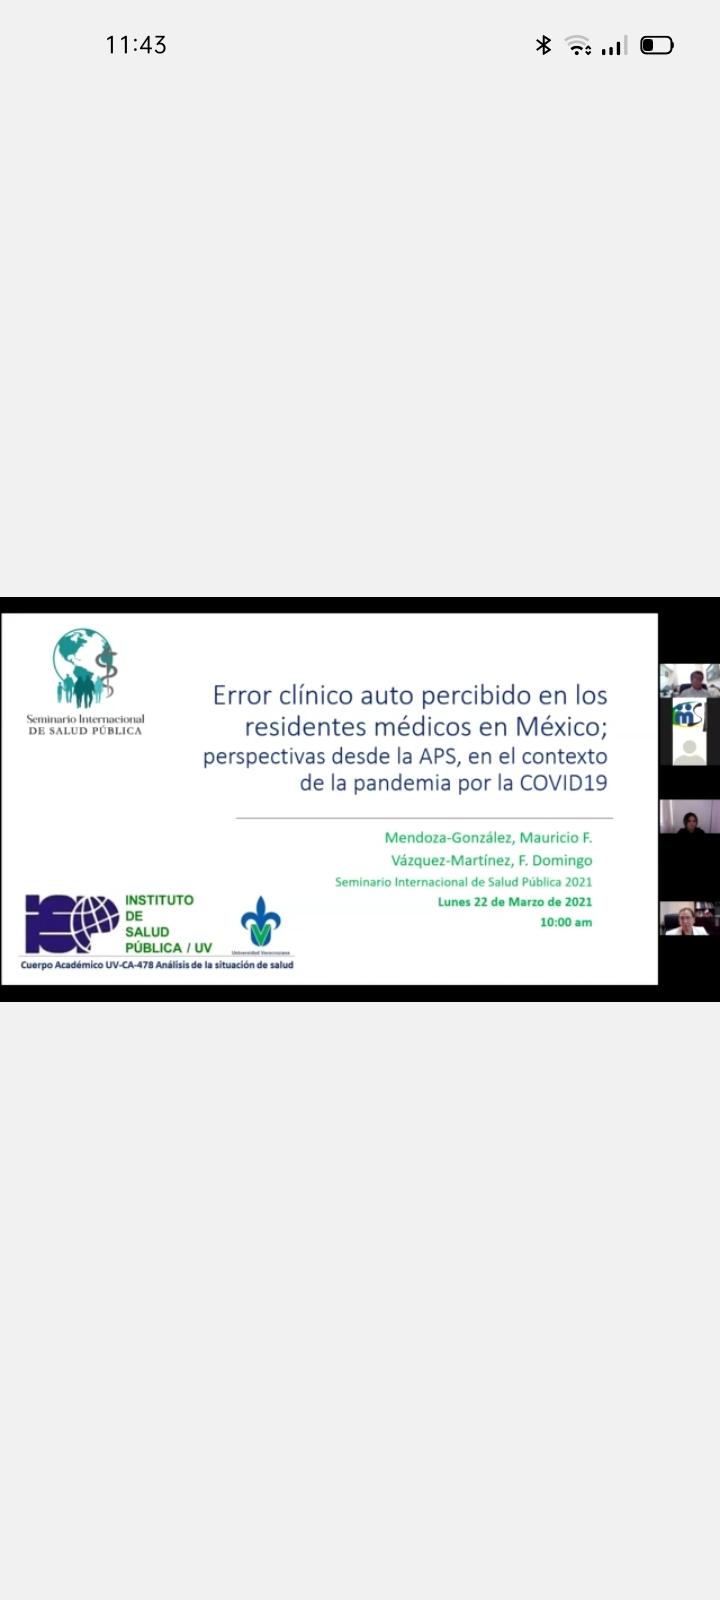 Diapositiva con el nombre de la conferencia y los rostros de los participants al costado derecho